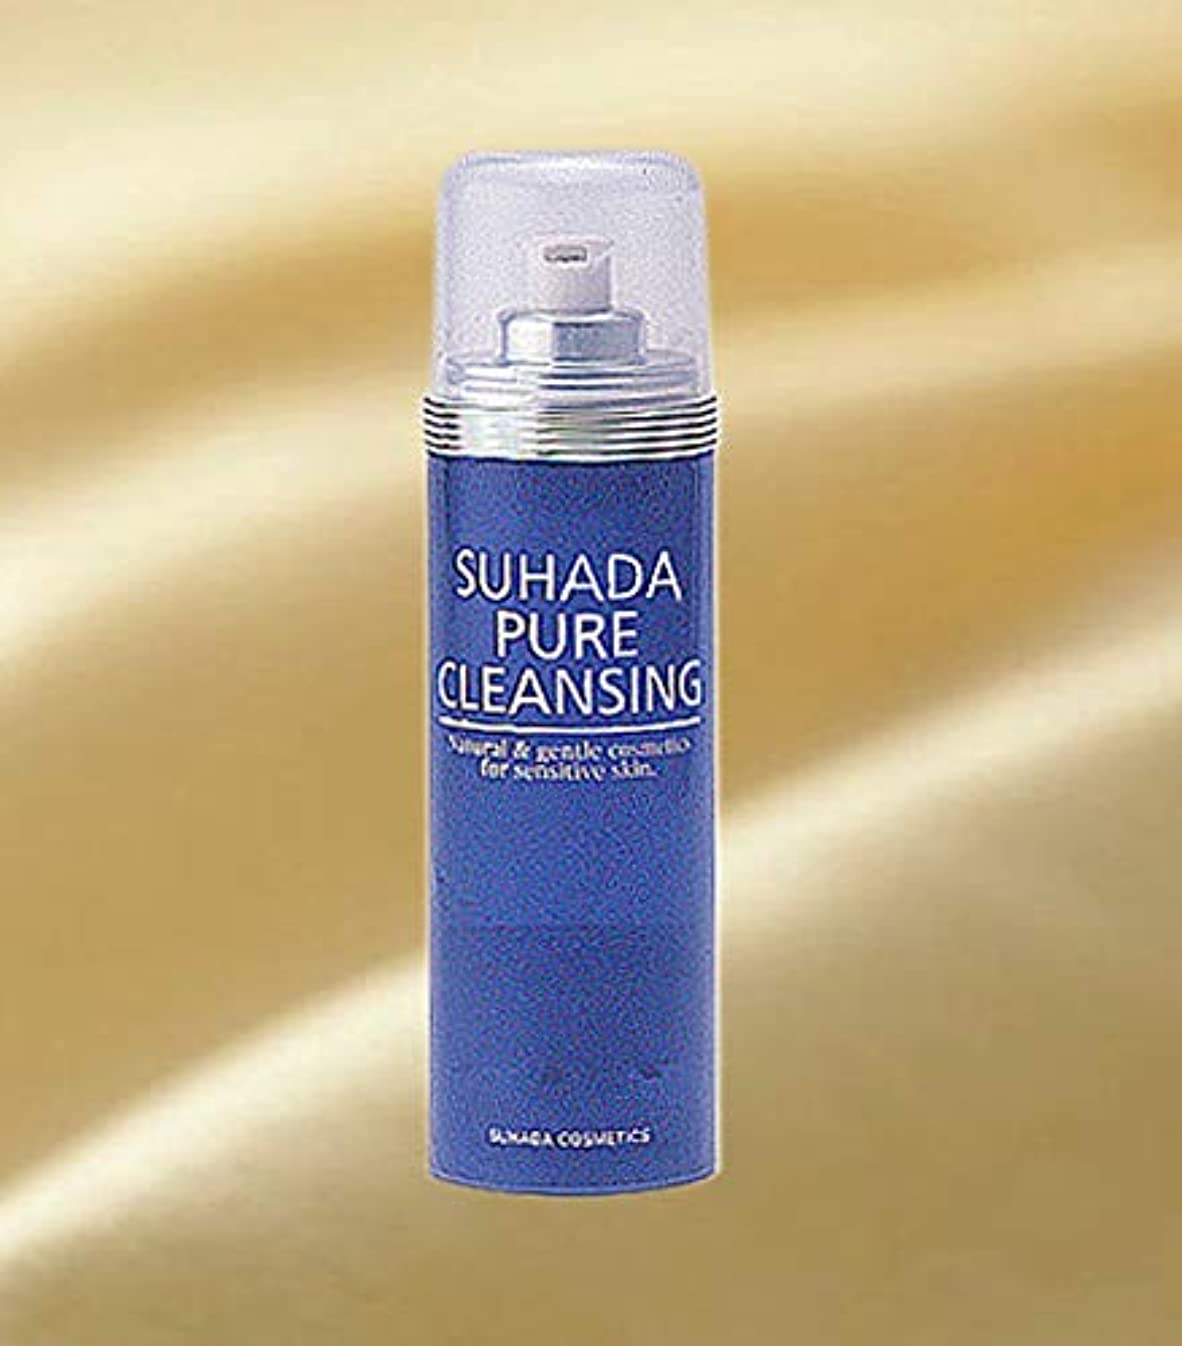 キリマンジャロガジュマル姿を消すスハダ ピュアクレンジング(130g) Suhada Pure Cleansing